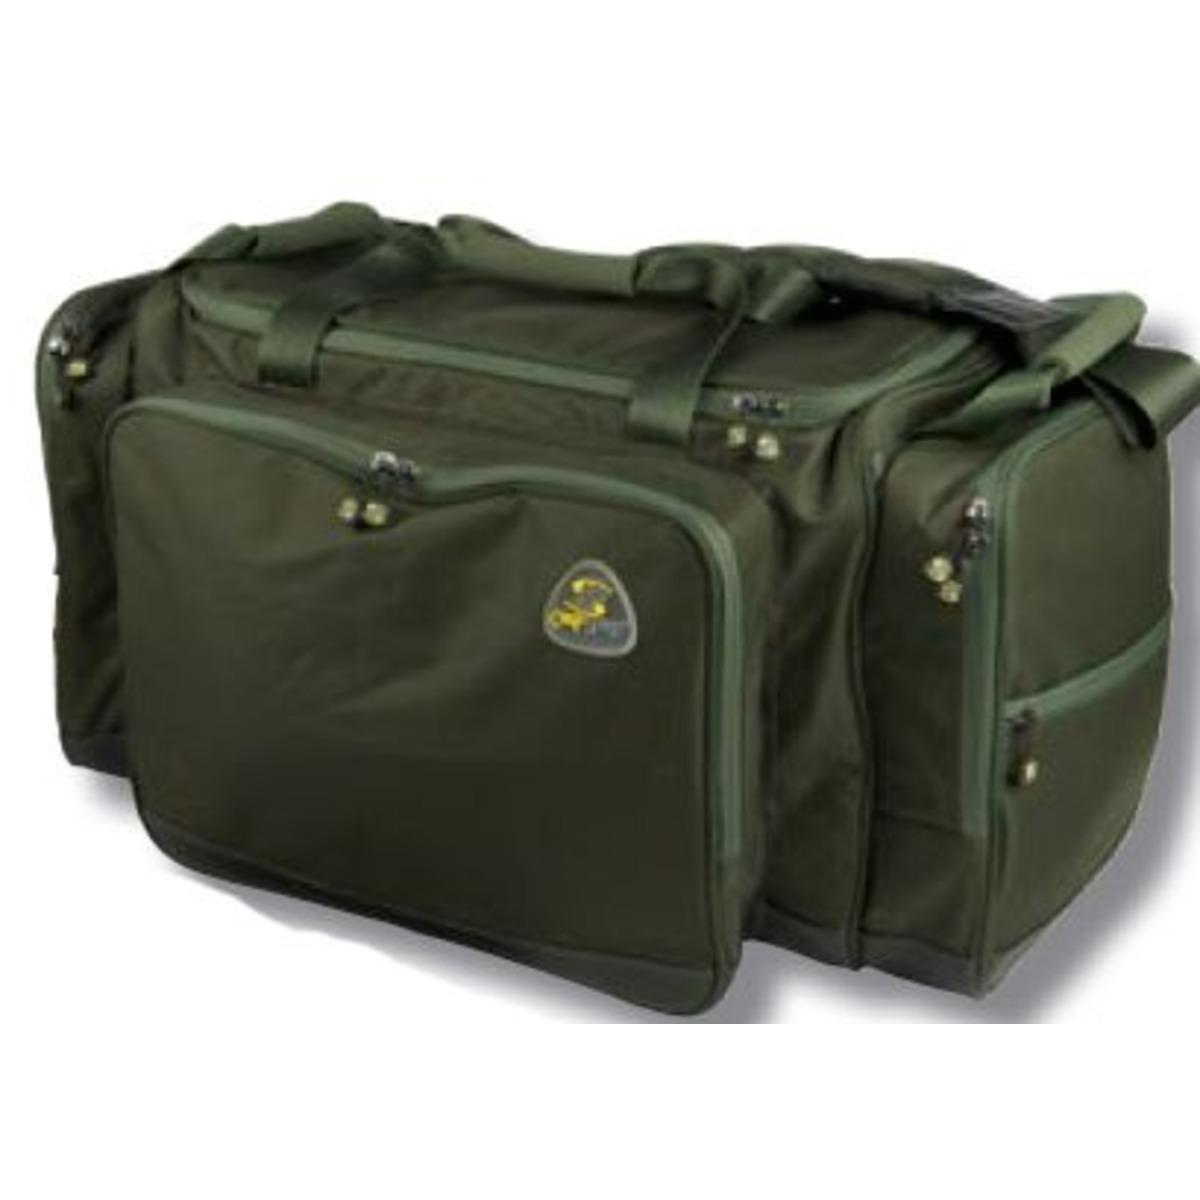 Carp Spirit Carryall - Large - 70x36x40 cm - 2.25 kg